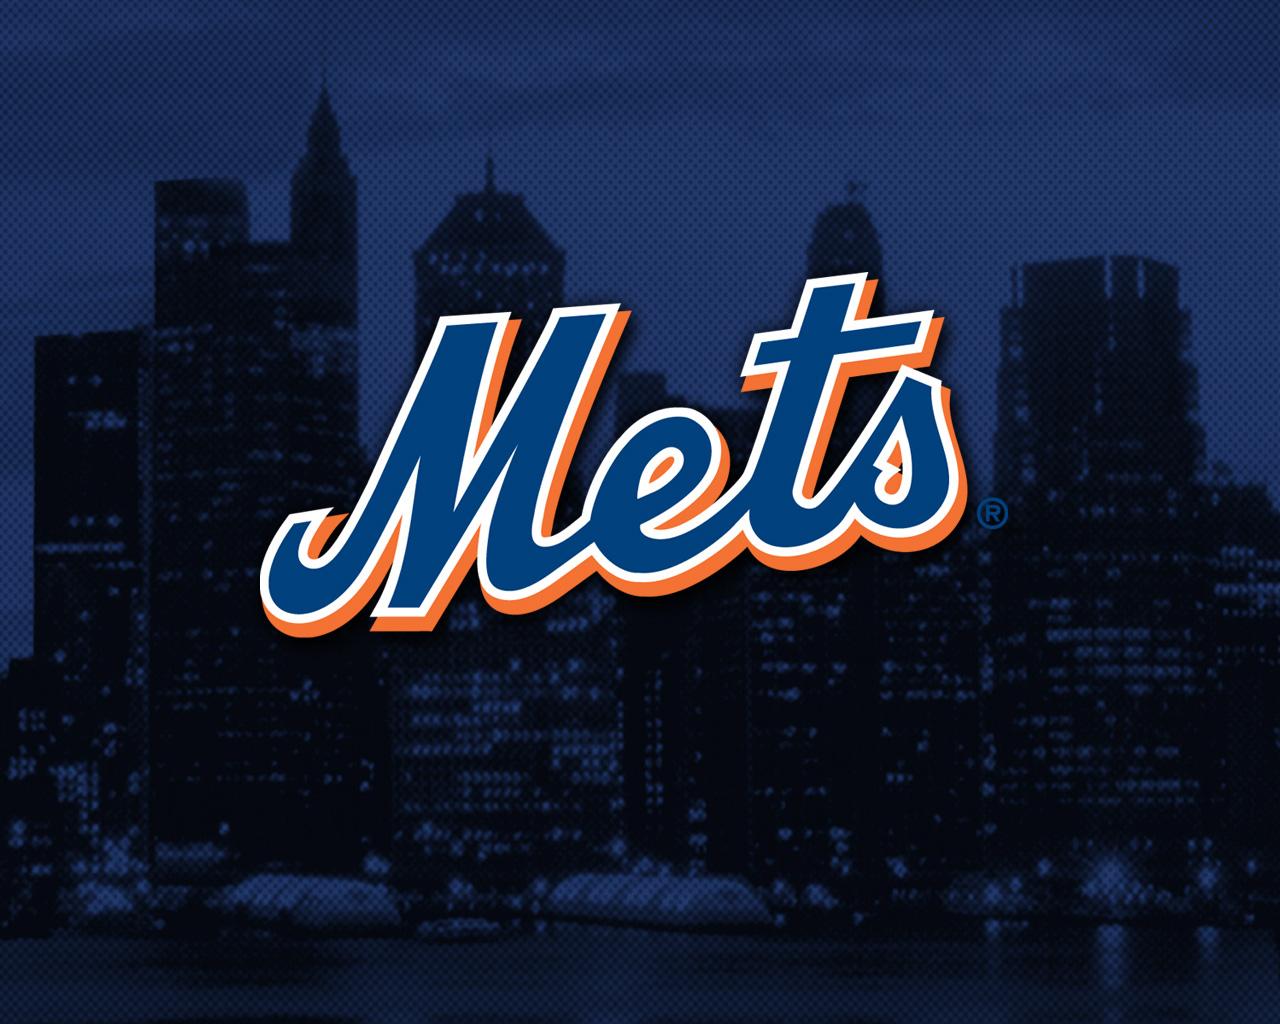 New York Mets Wallpaper: NY Mets Logo Wallpaper